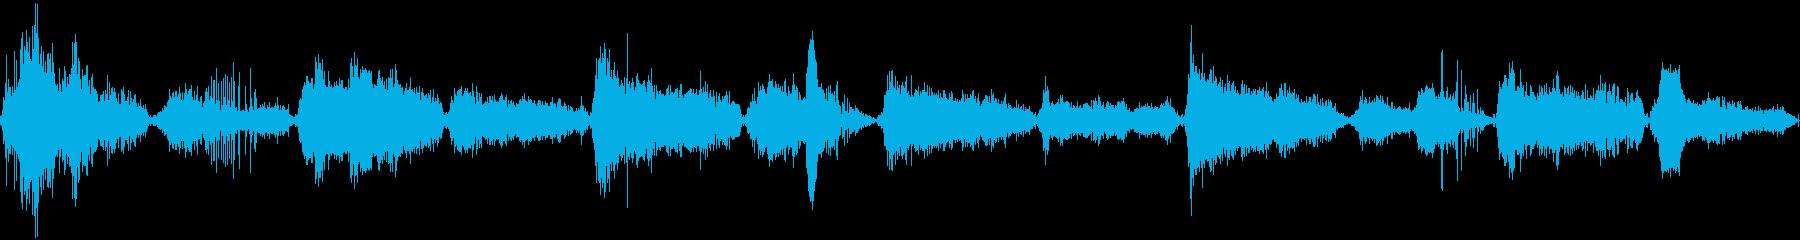 ゾンビの息遣いの再生済みの波形